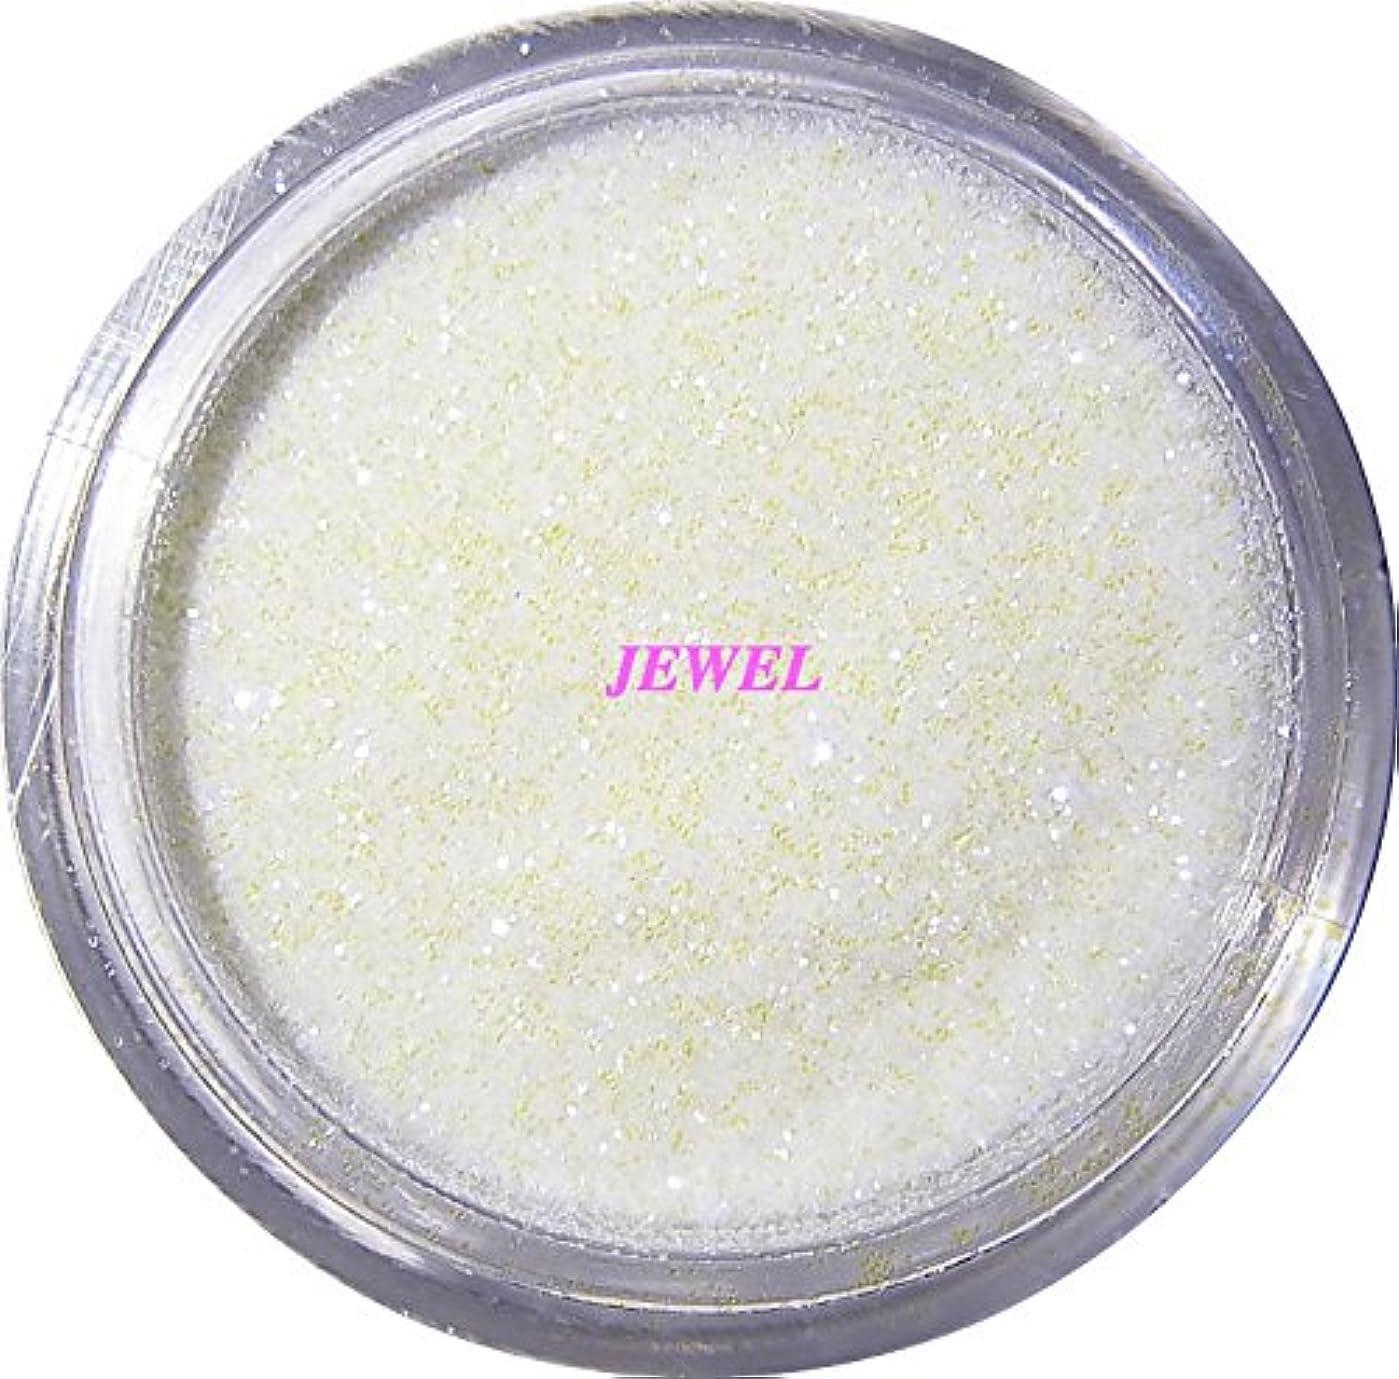 破壊的クリスチャンと組む【jewel】 超微粒子ラメパウダー(白/パールホワイト) 256/1サイズ 2g入り グリッター レジン&ネイル用